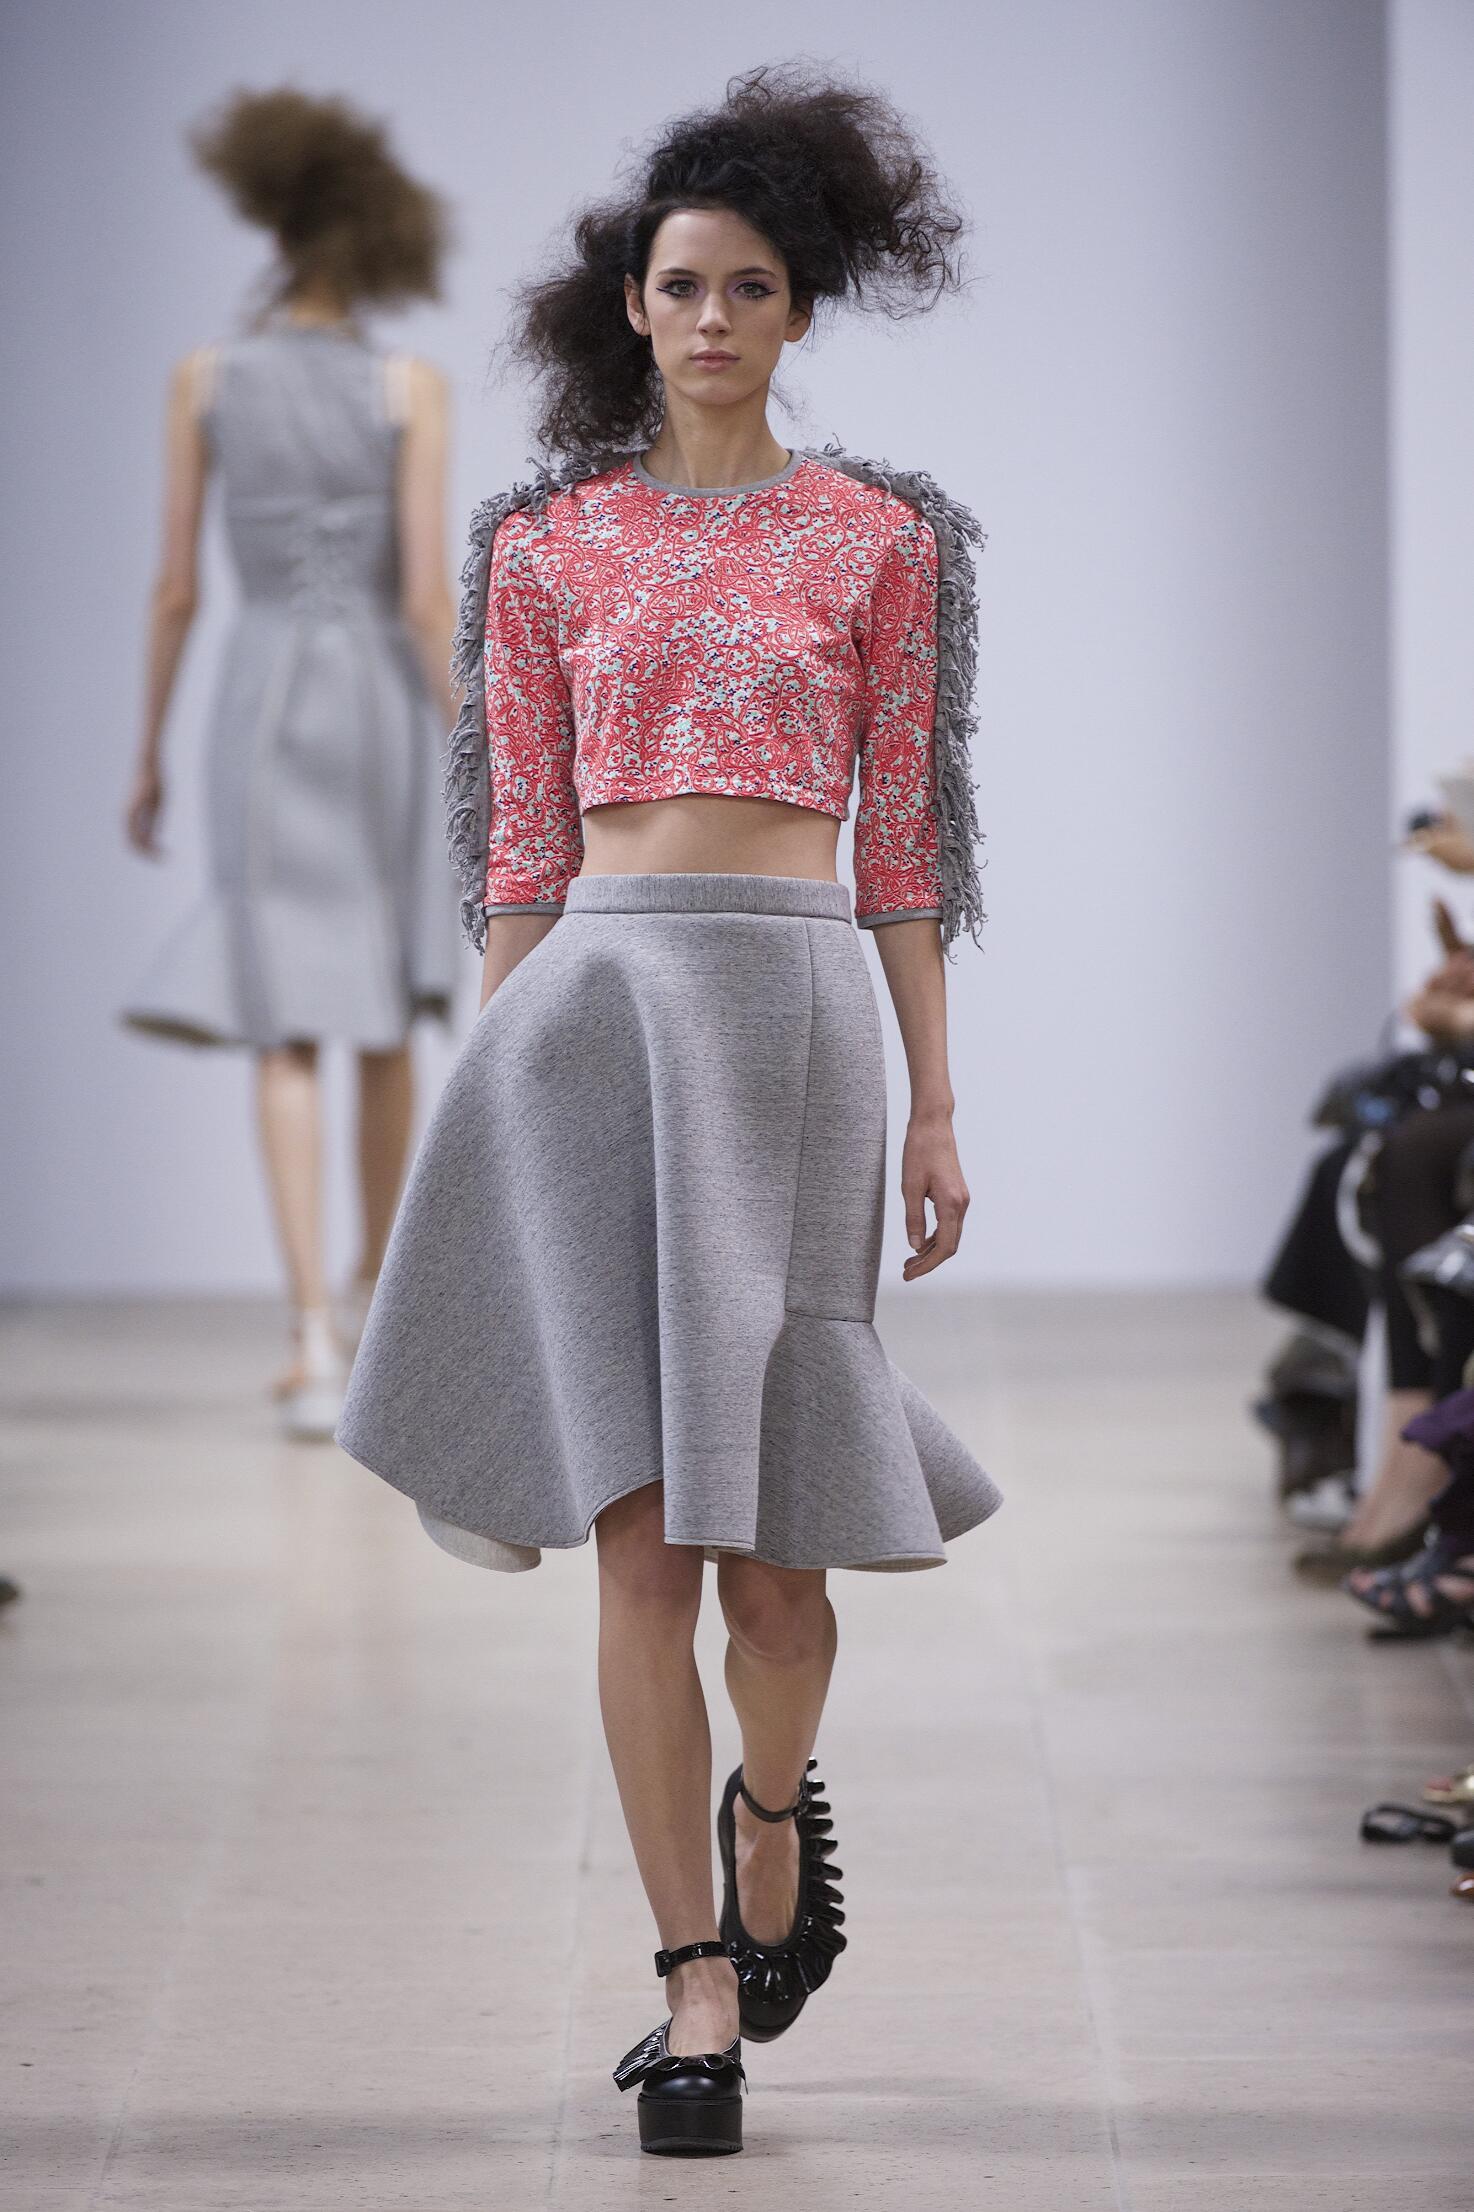 Summer 2015 Fashion Show Julien David